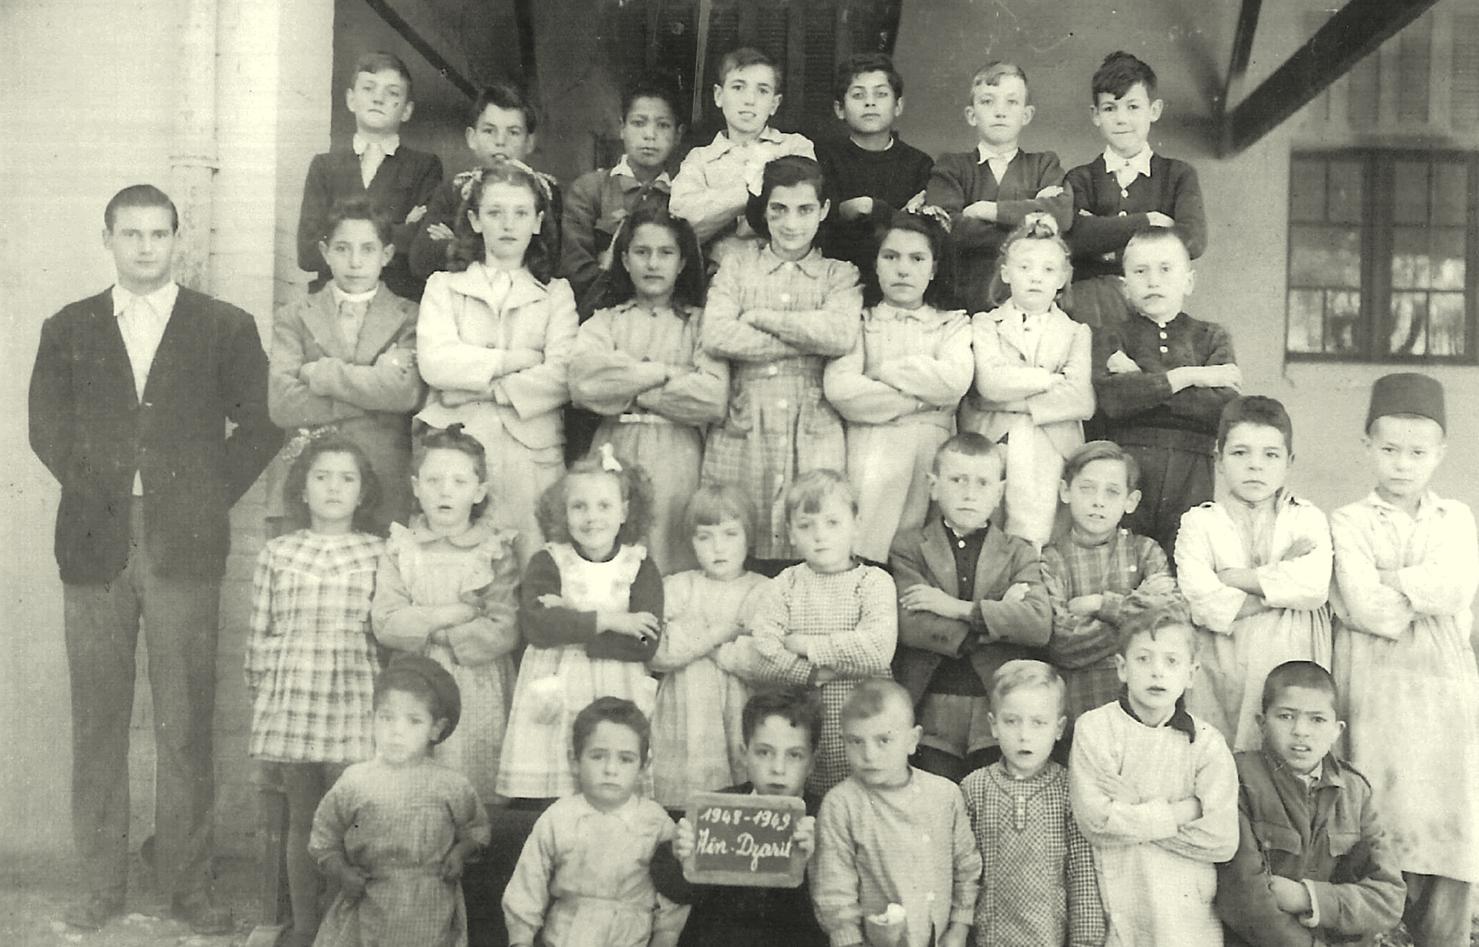 Aïn-Dzarit - 1948